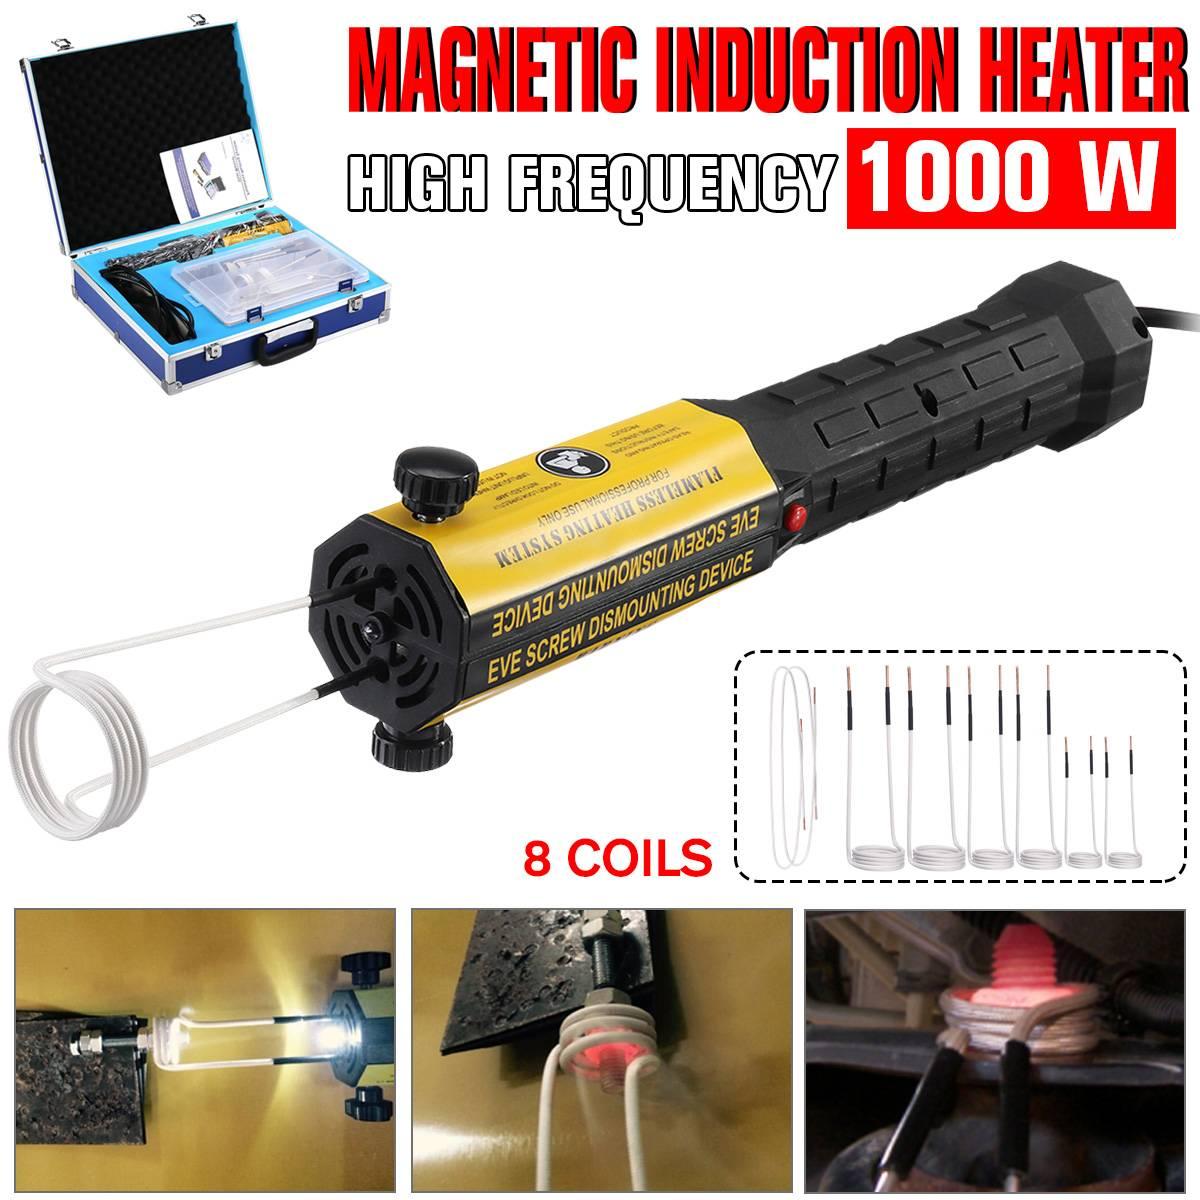 誘導ヒーター 110 v/220 v 8 コイルボルト熱除去ツールキットフレームレス磁気誘導ヒーター車の解体修復ツール -